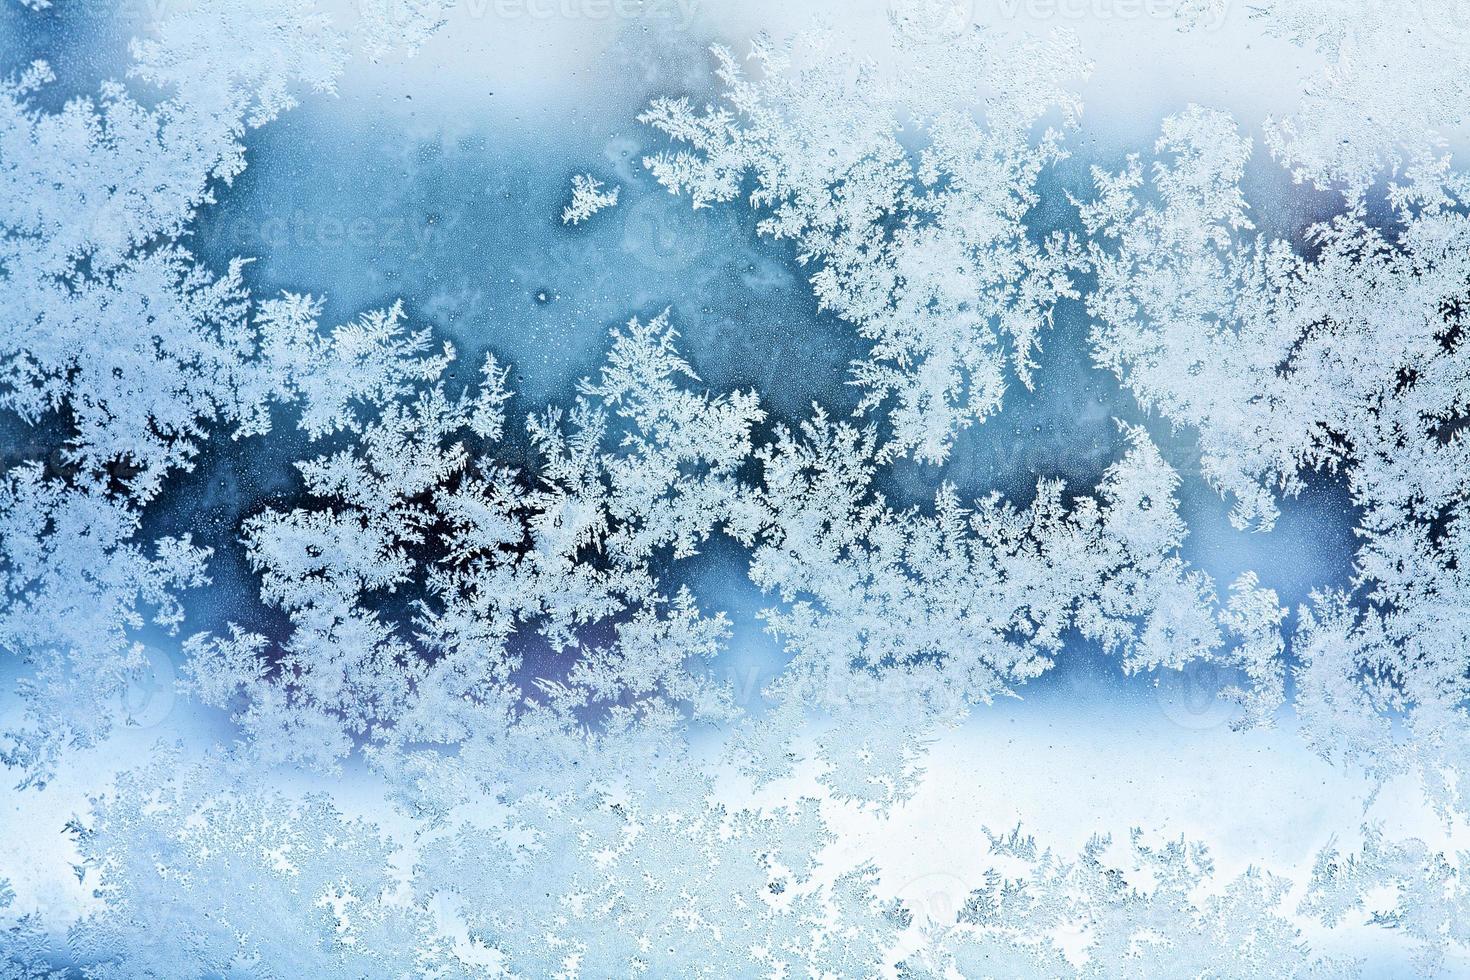 Résumé historique de la glace de l'hiver photo